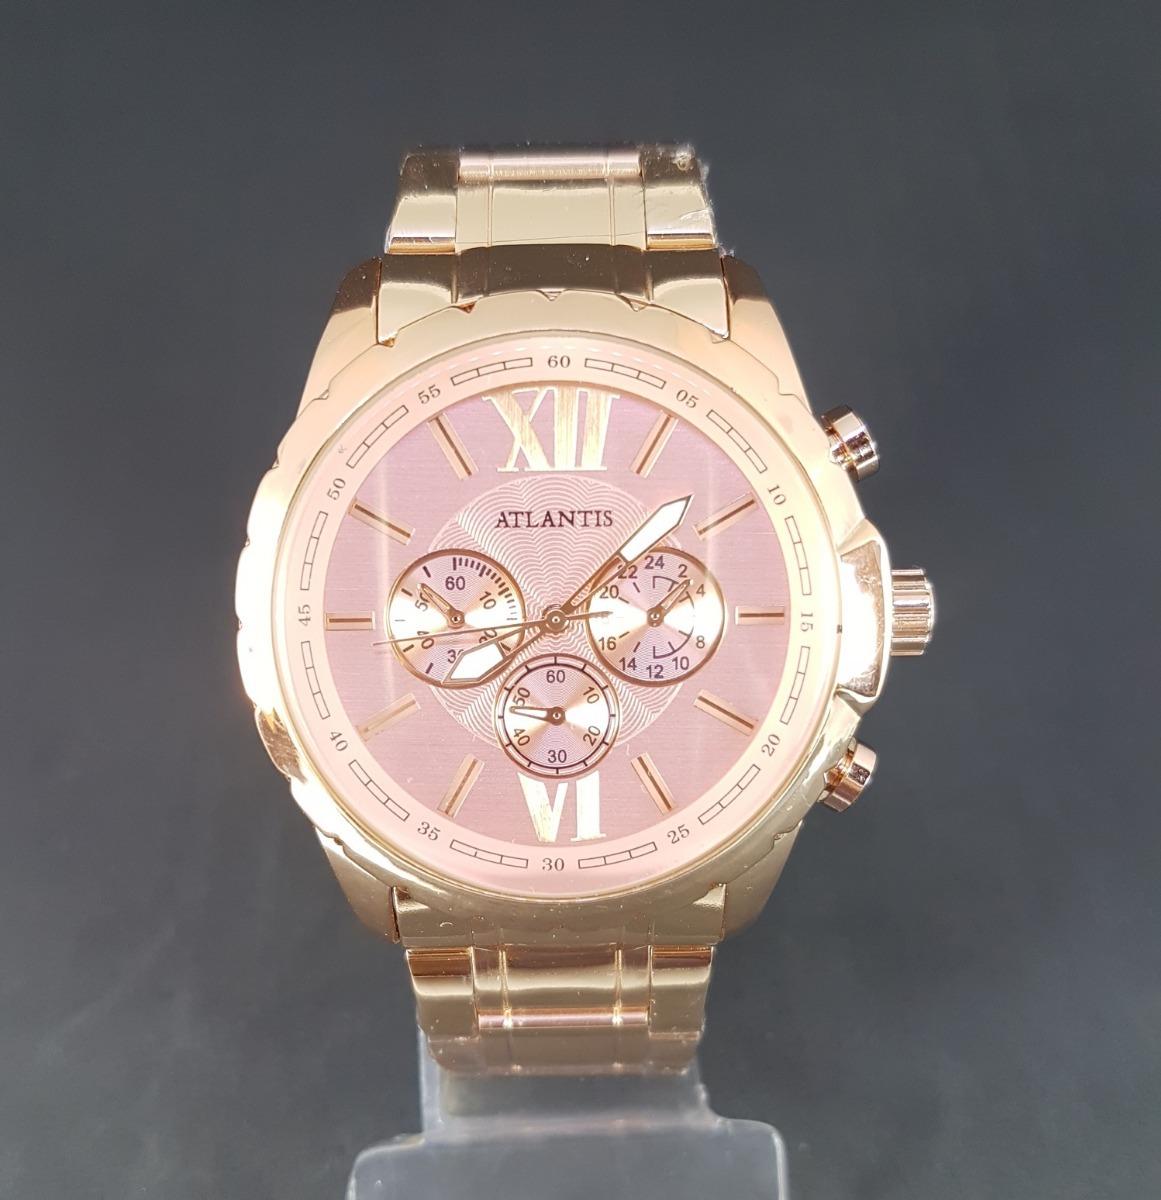 5d8a54159fe relógio feminino original atlantis dourado delicado promoção. Carregando  zoom.